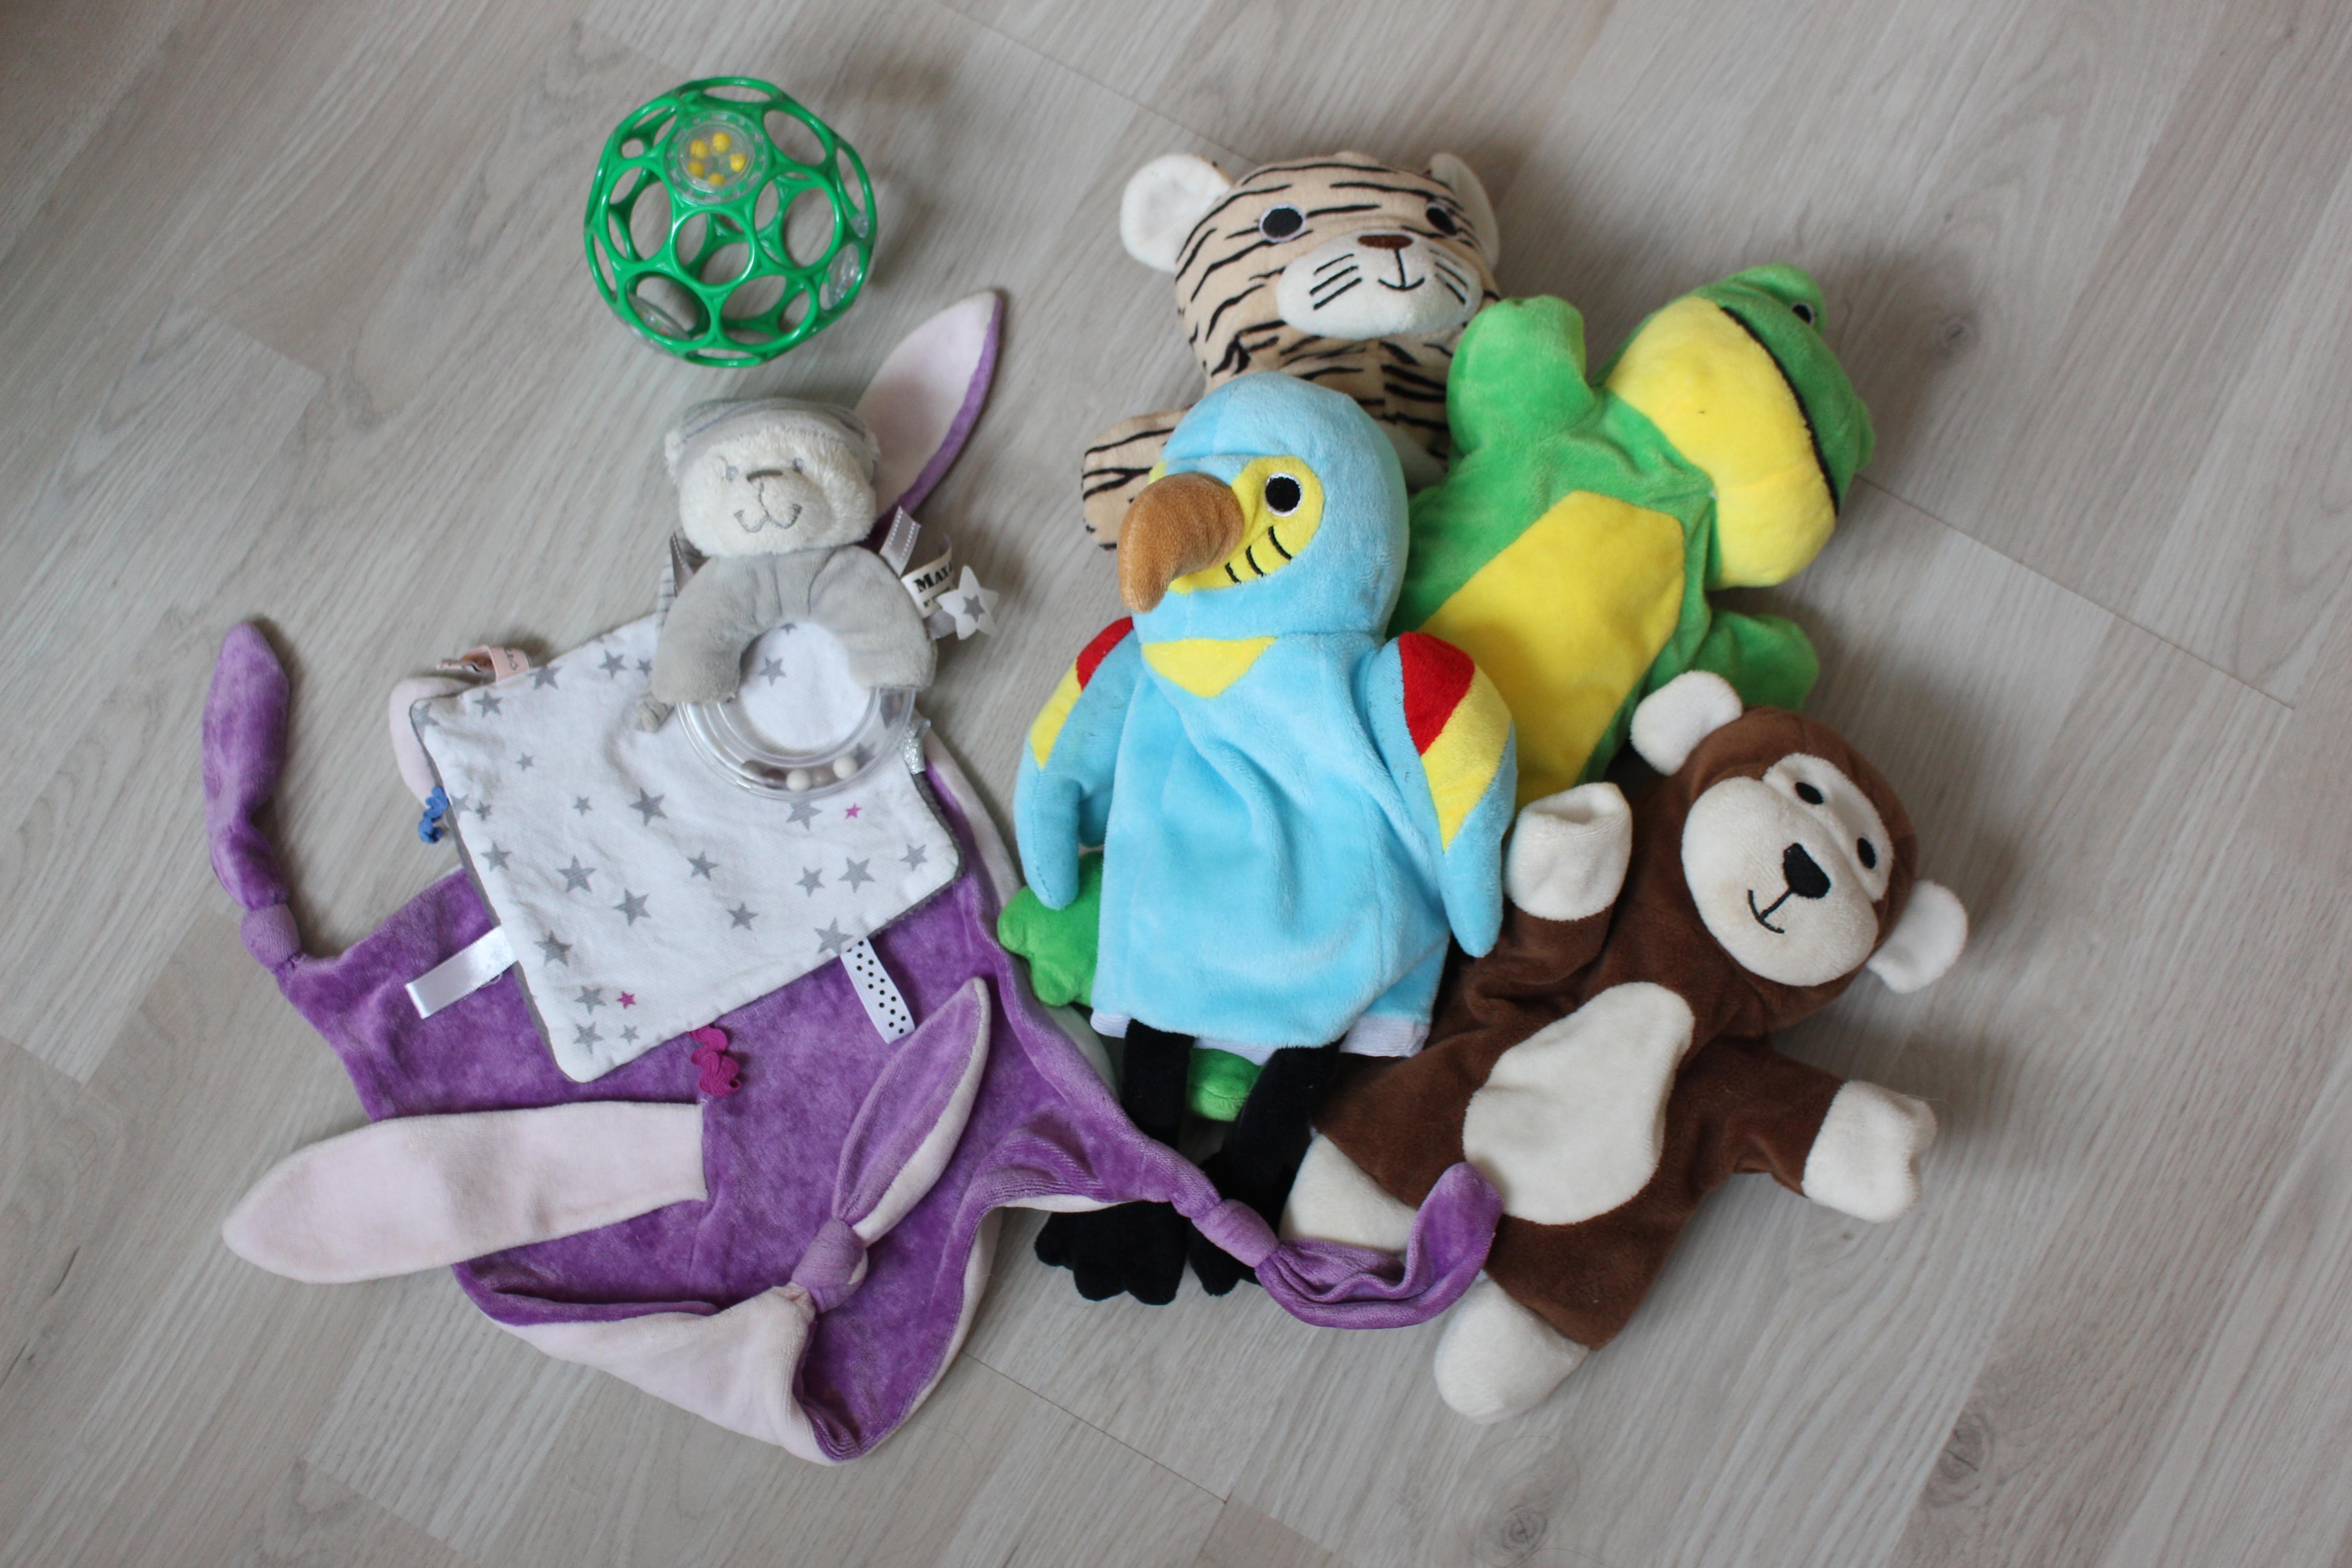 jouets premier âge 0-3mois